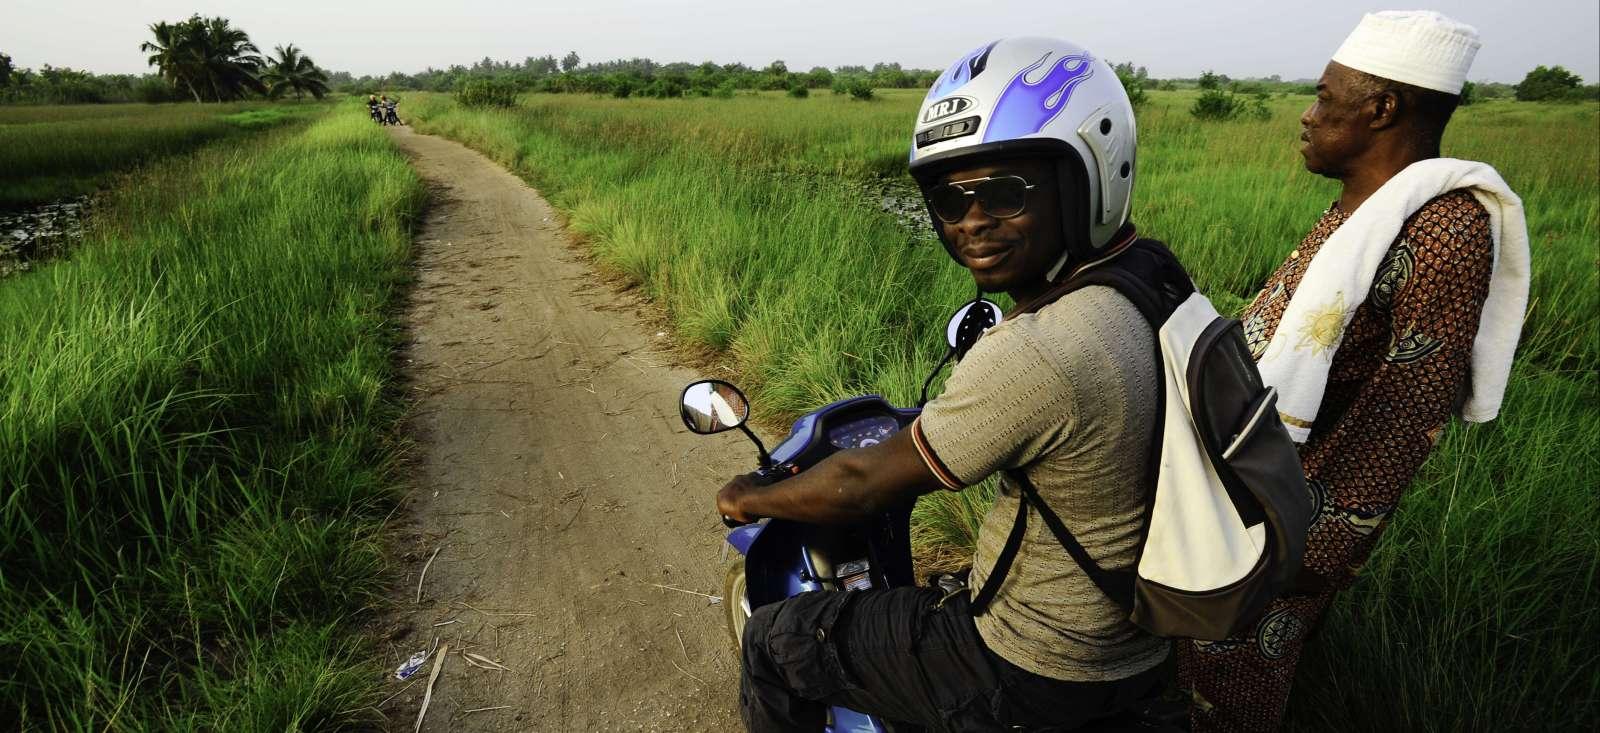 Voyage à moto : Le Bénin en mobylette